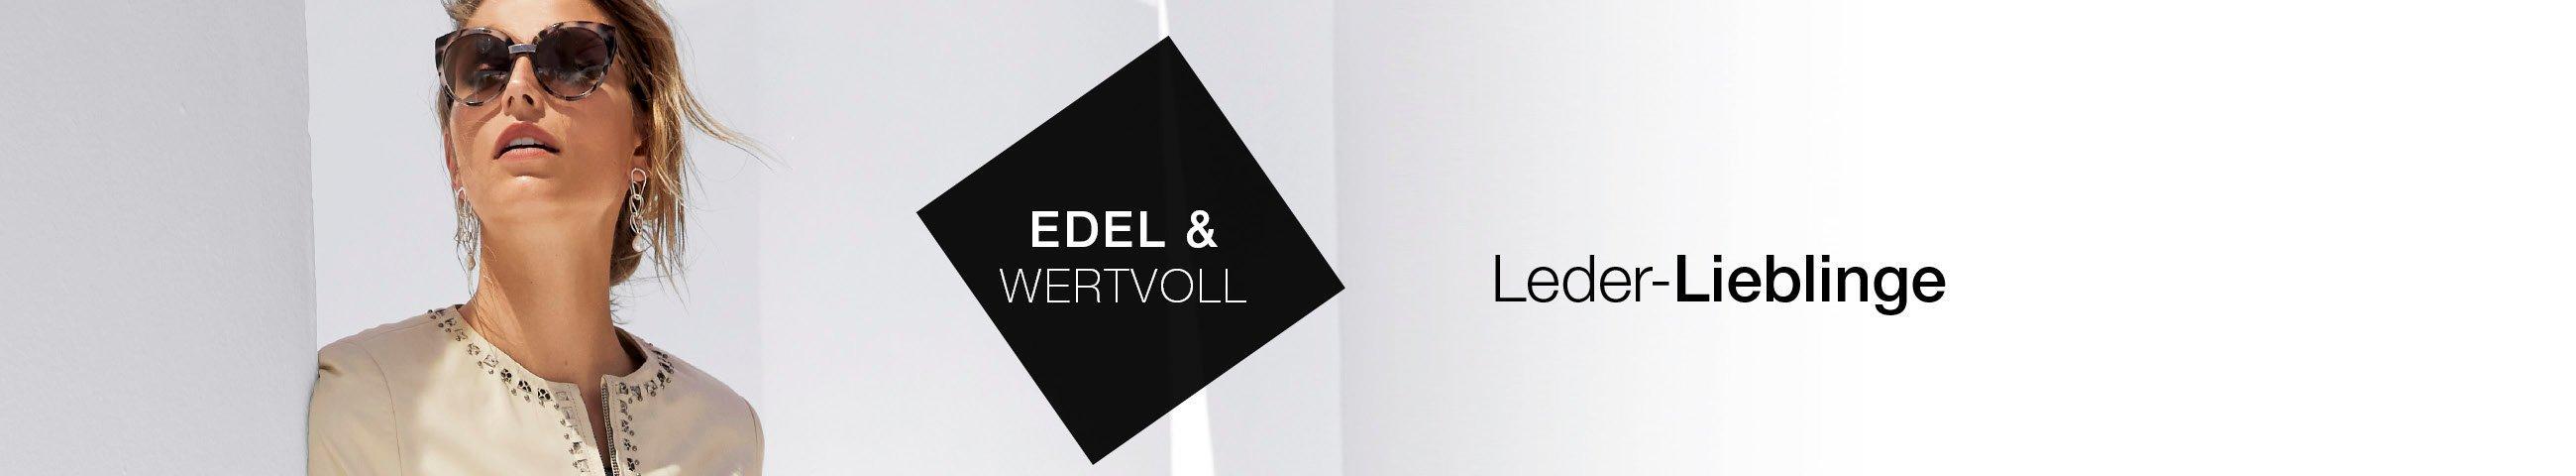 ALL_IN_Leder_Lieblinge_deko_teaser_expand_D.jpg